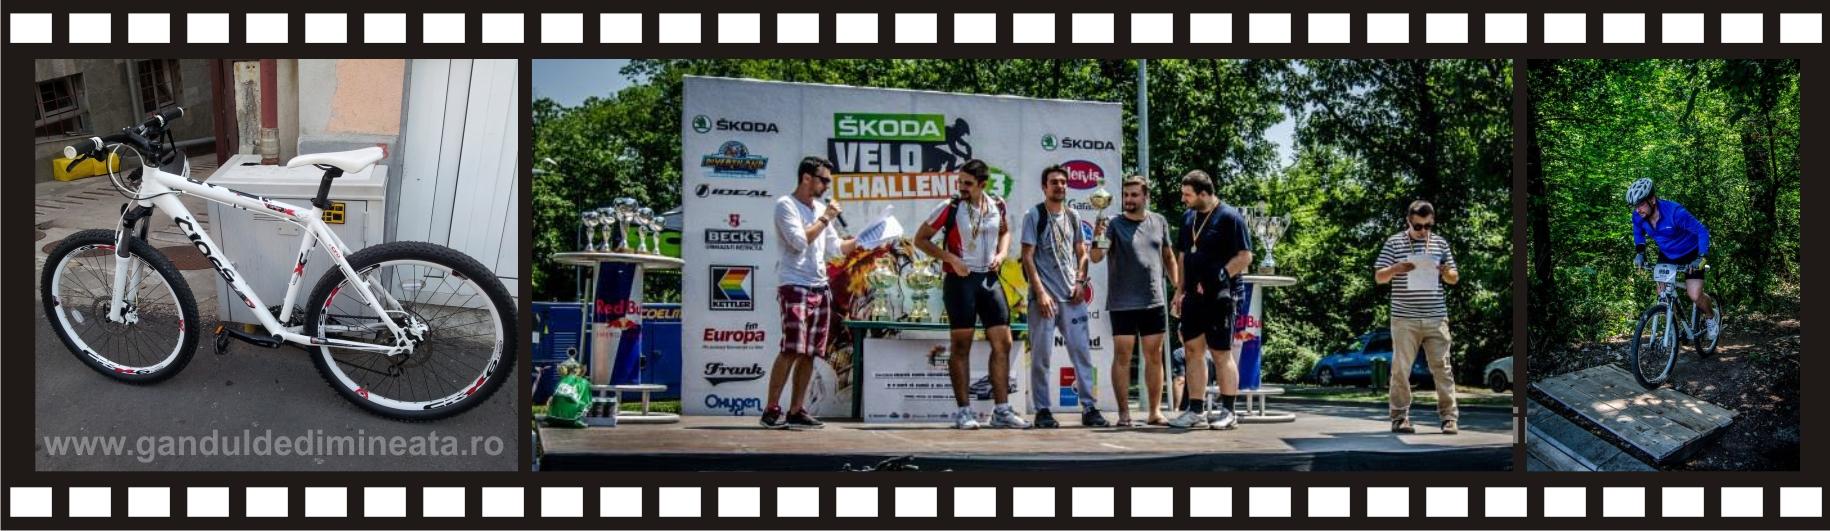 Colaj_Skoda_Velo_Challenge_3